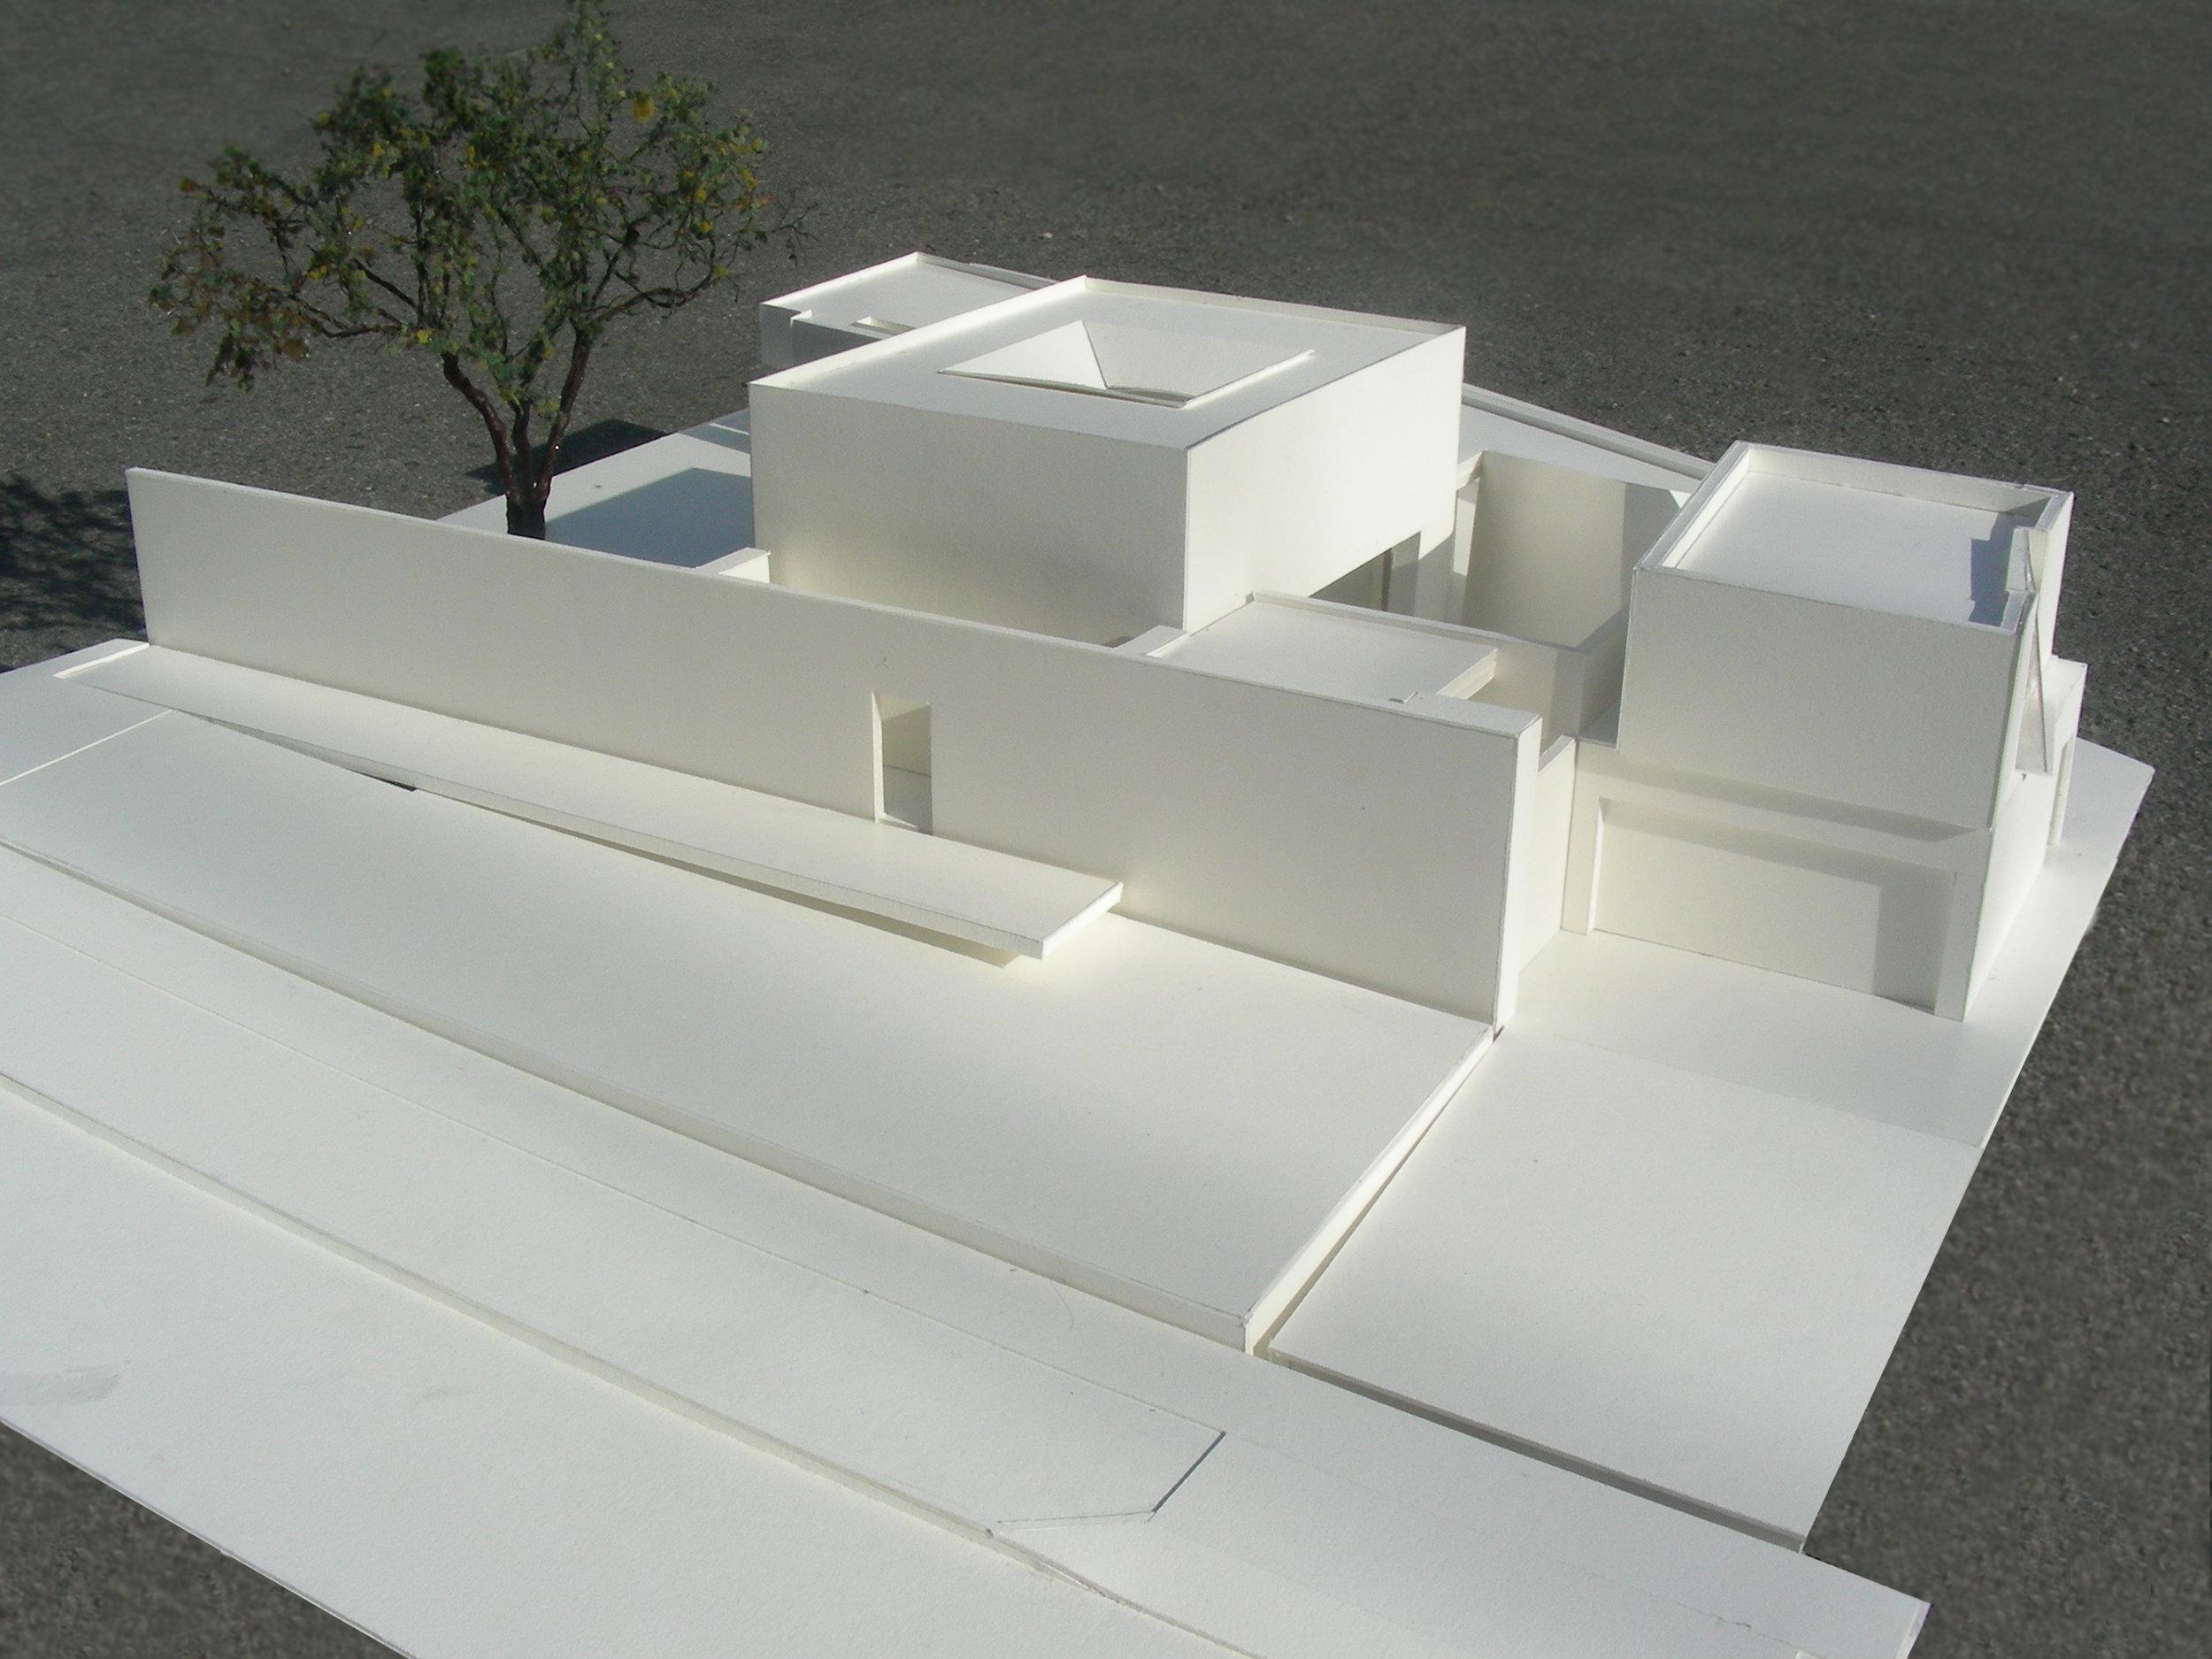 Aerial view of model looking east